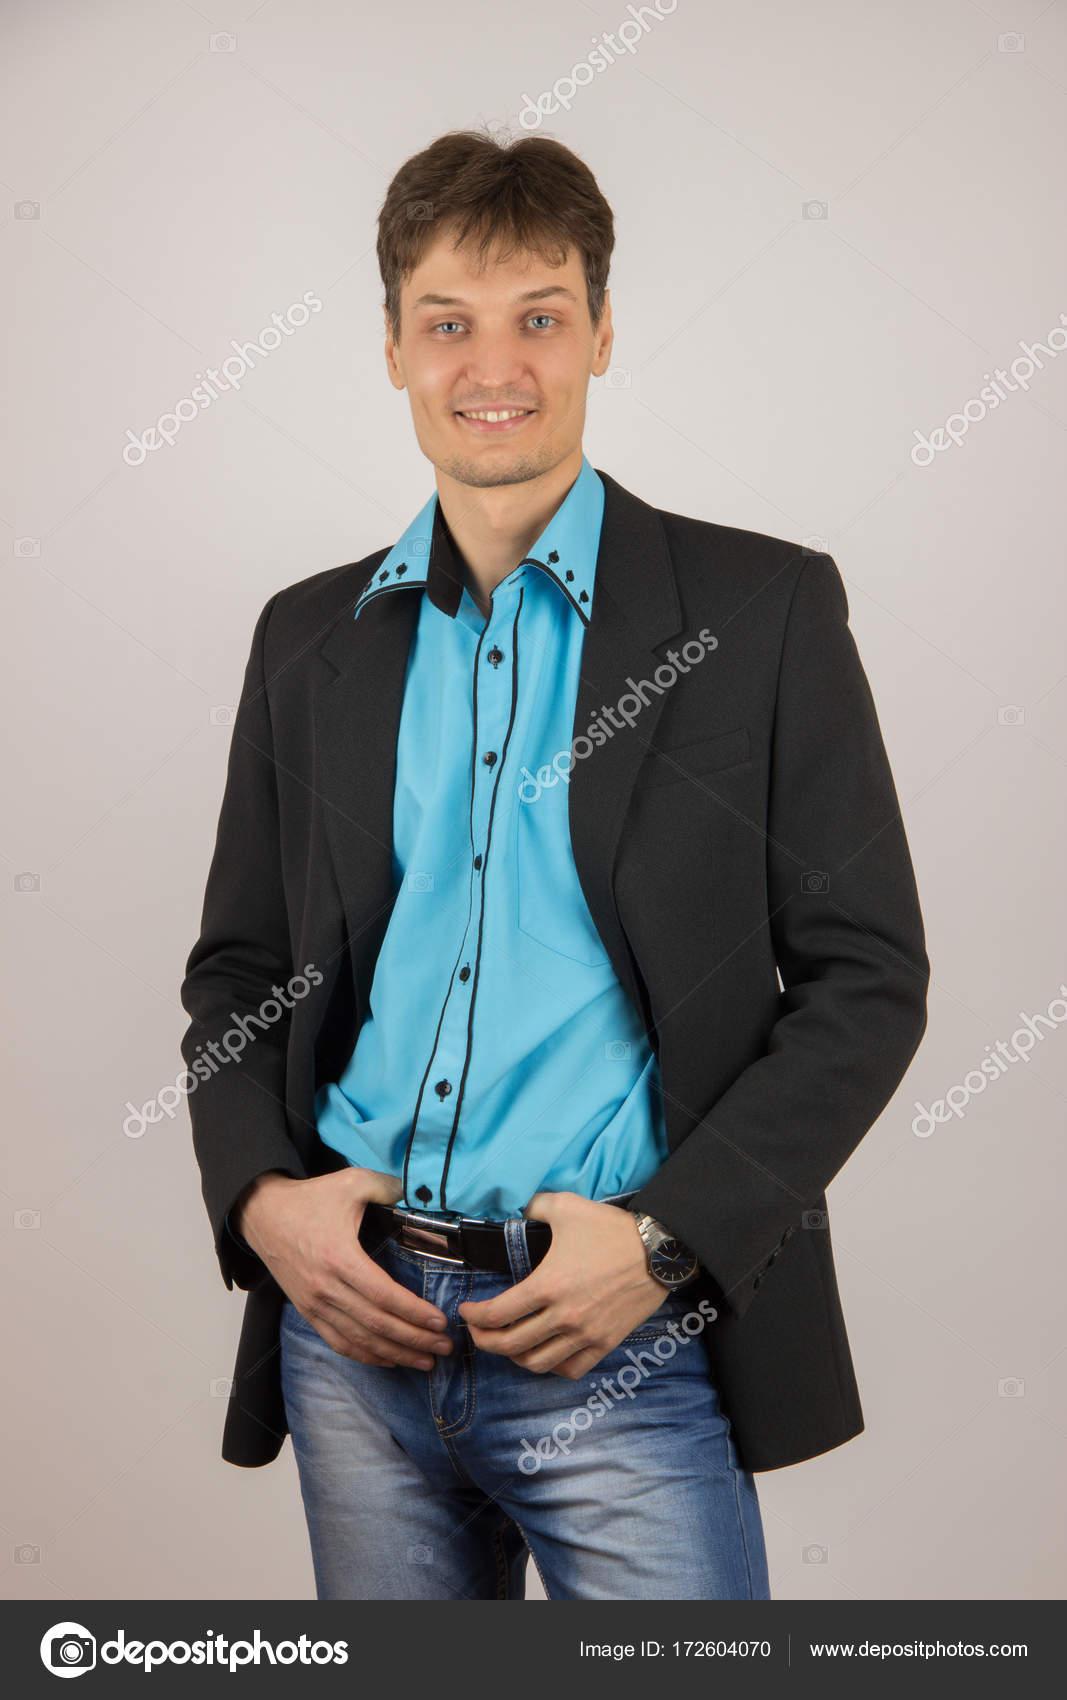 Chemise En Jeans Mec Chic Noire Une Veste Bleue Sexy Et Jeune gnxwZYRnqA